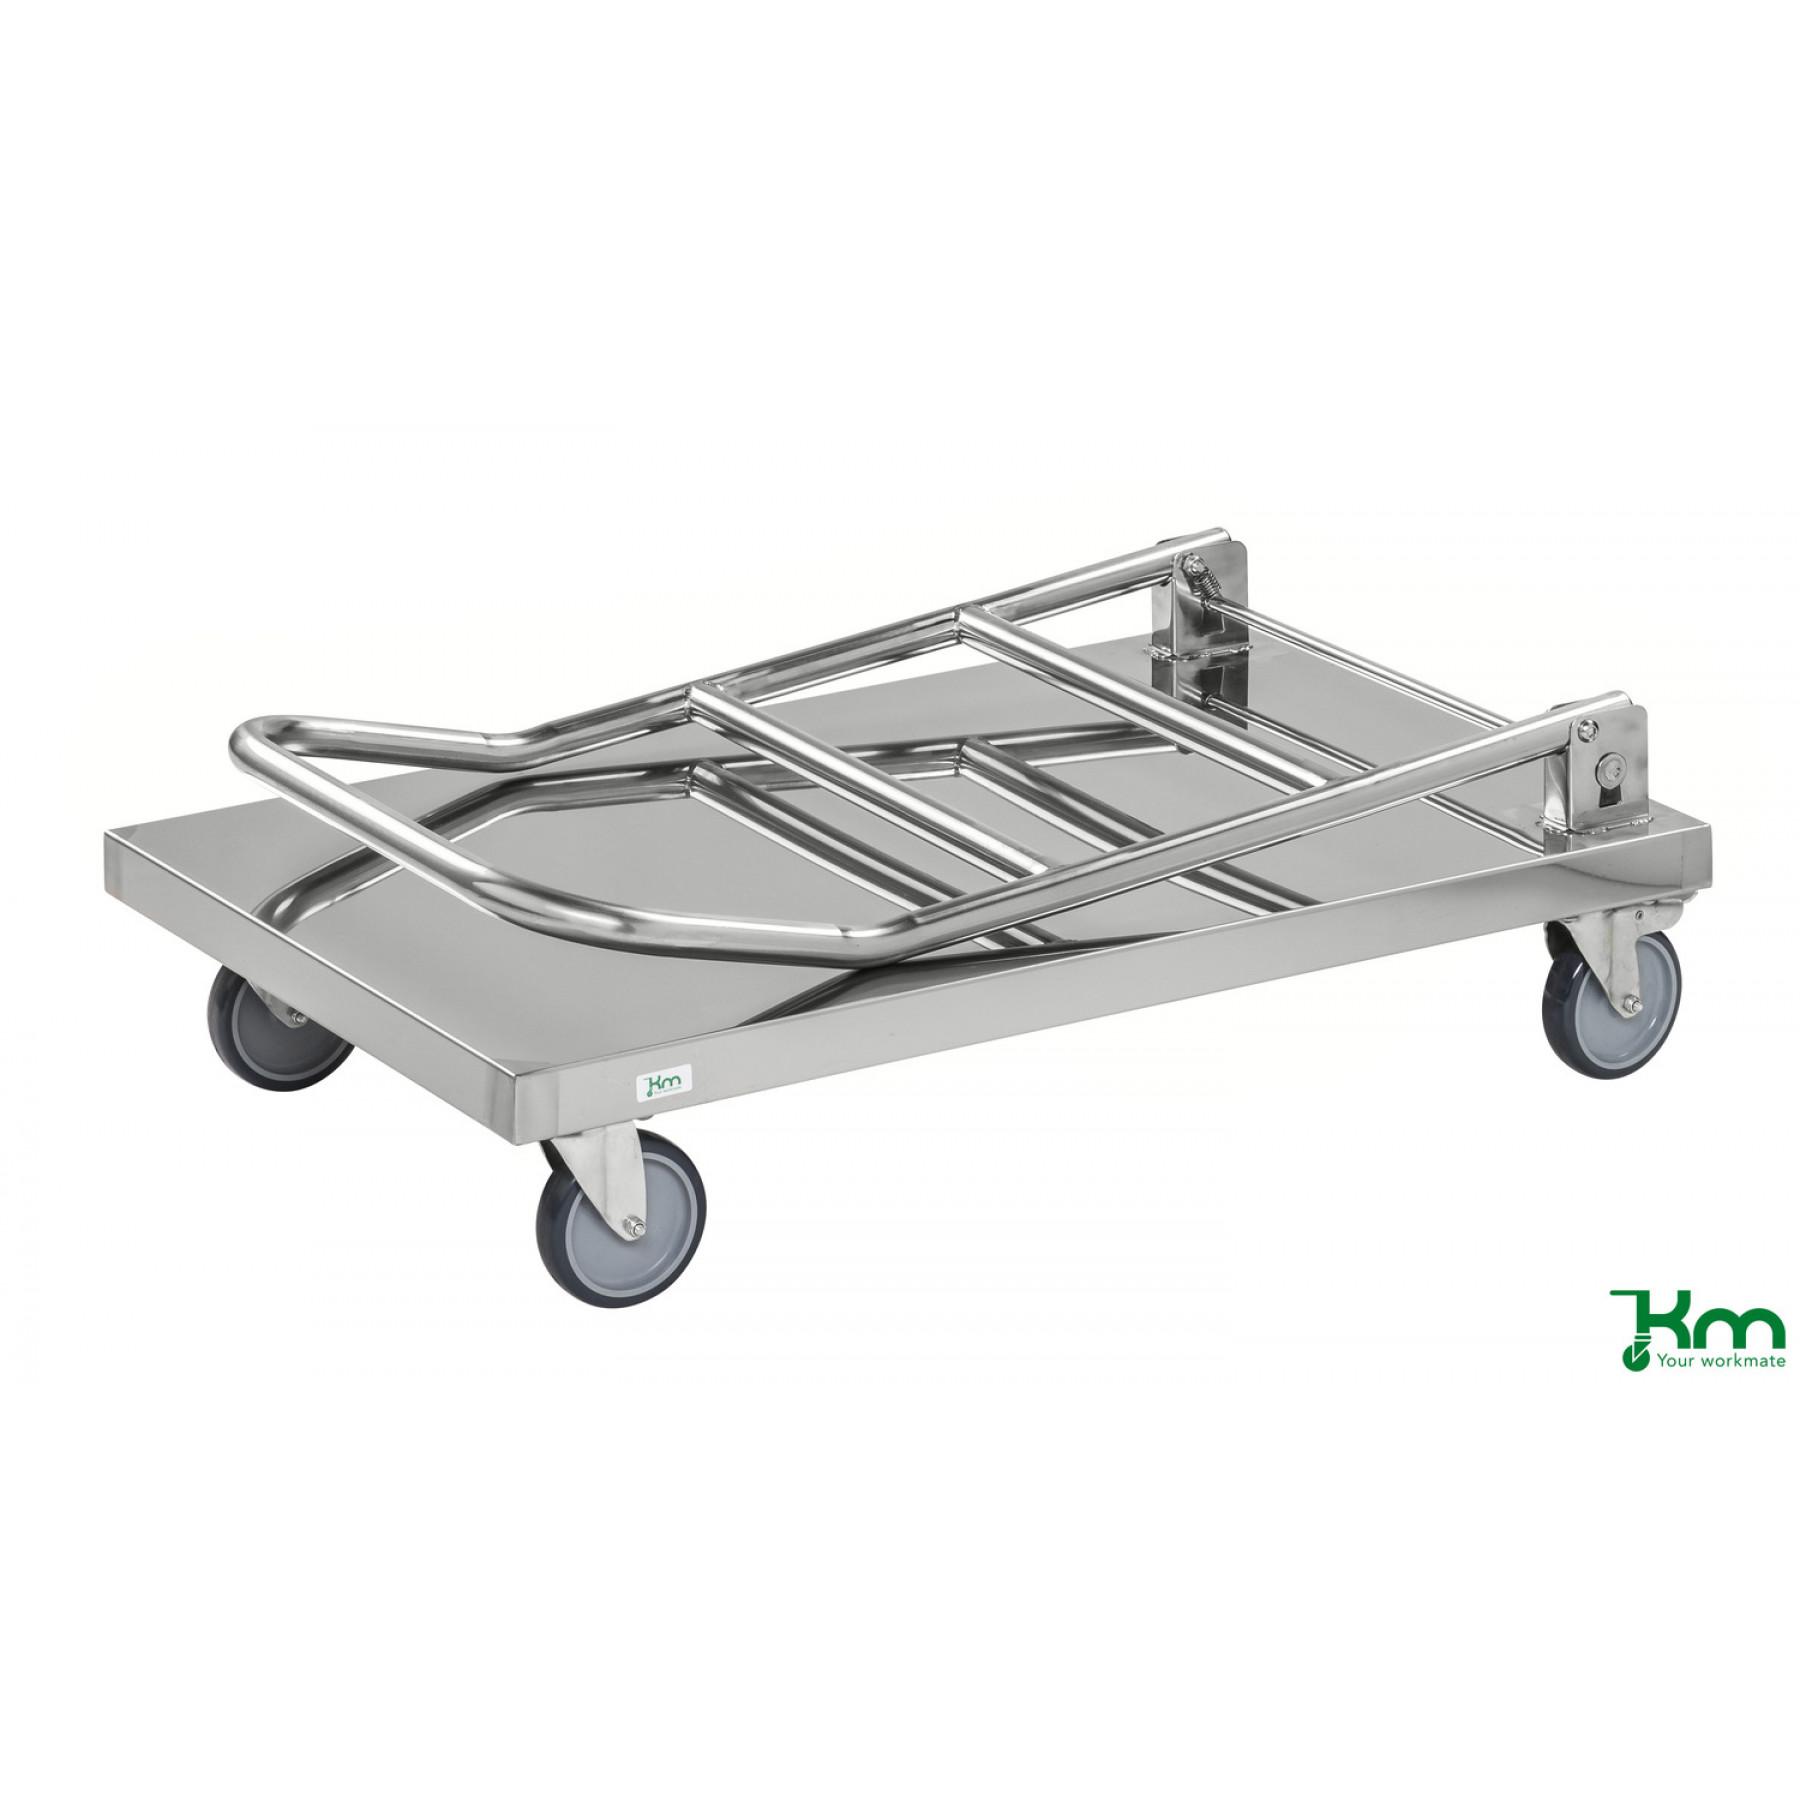 RVS duwwagen met neerklapbare duwbeugel, KM60360